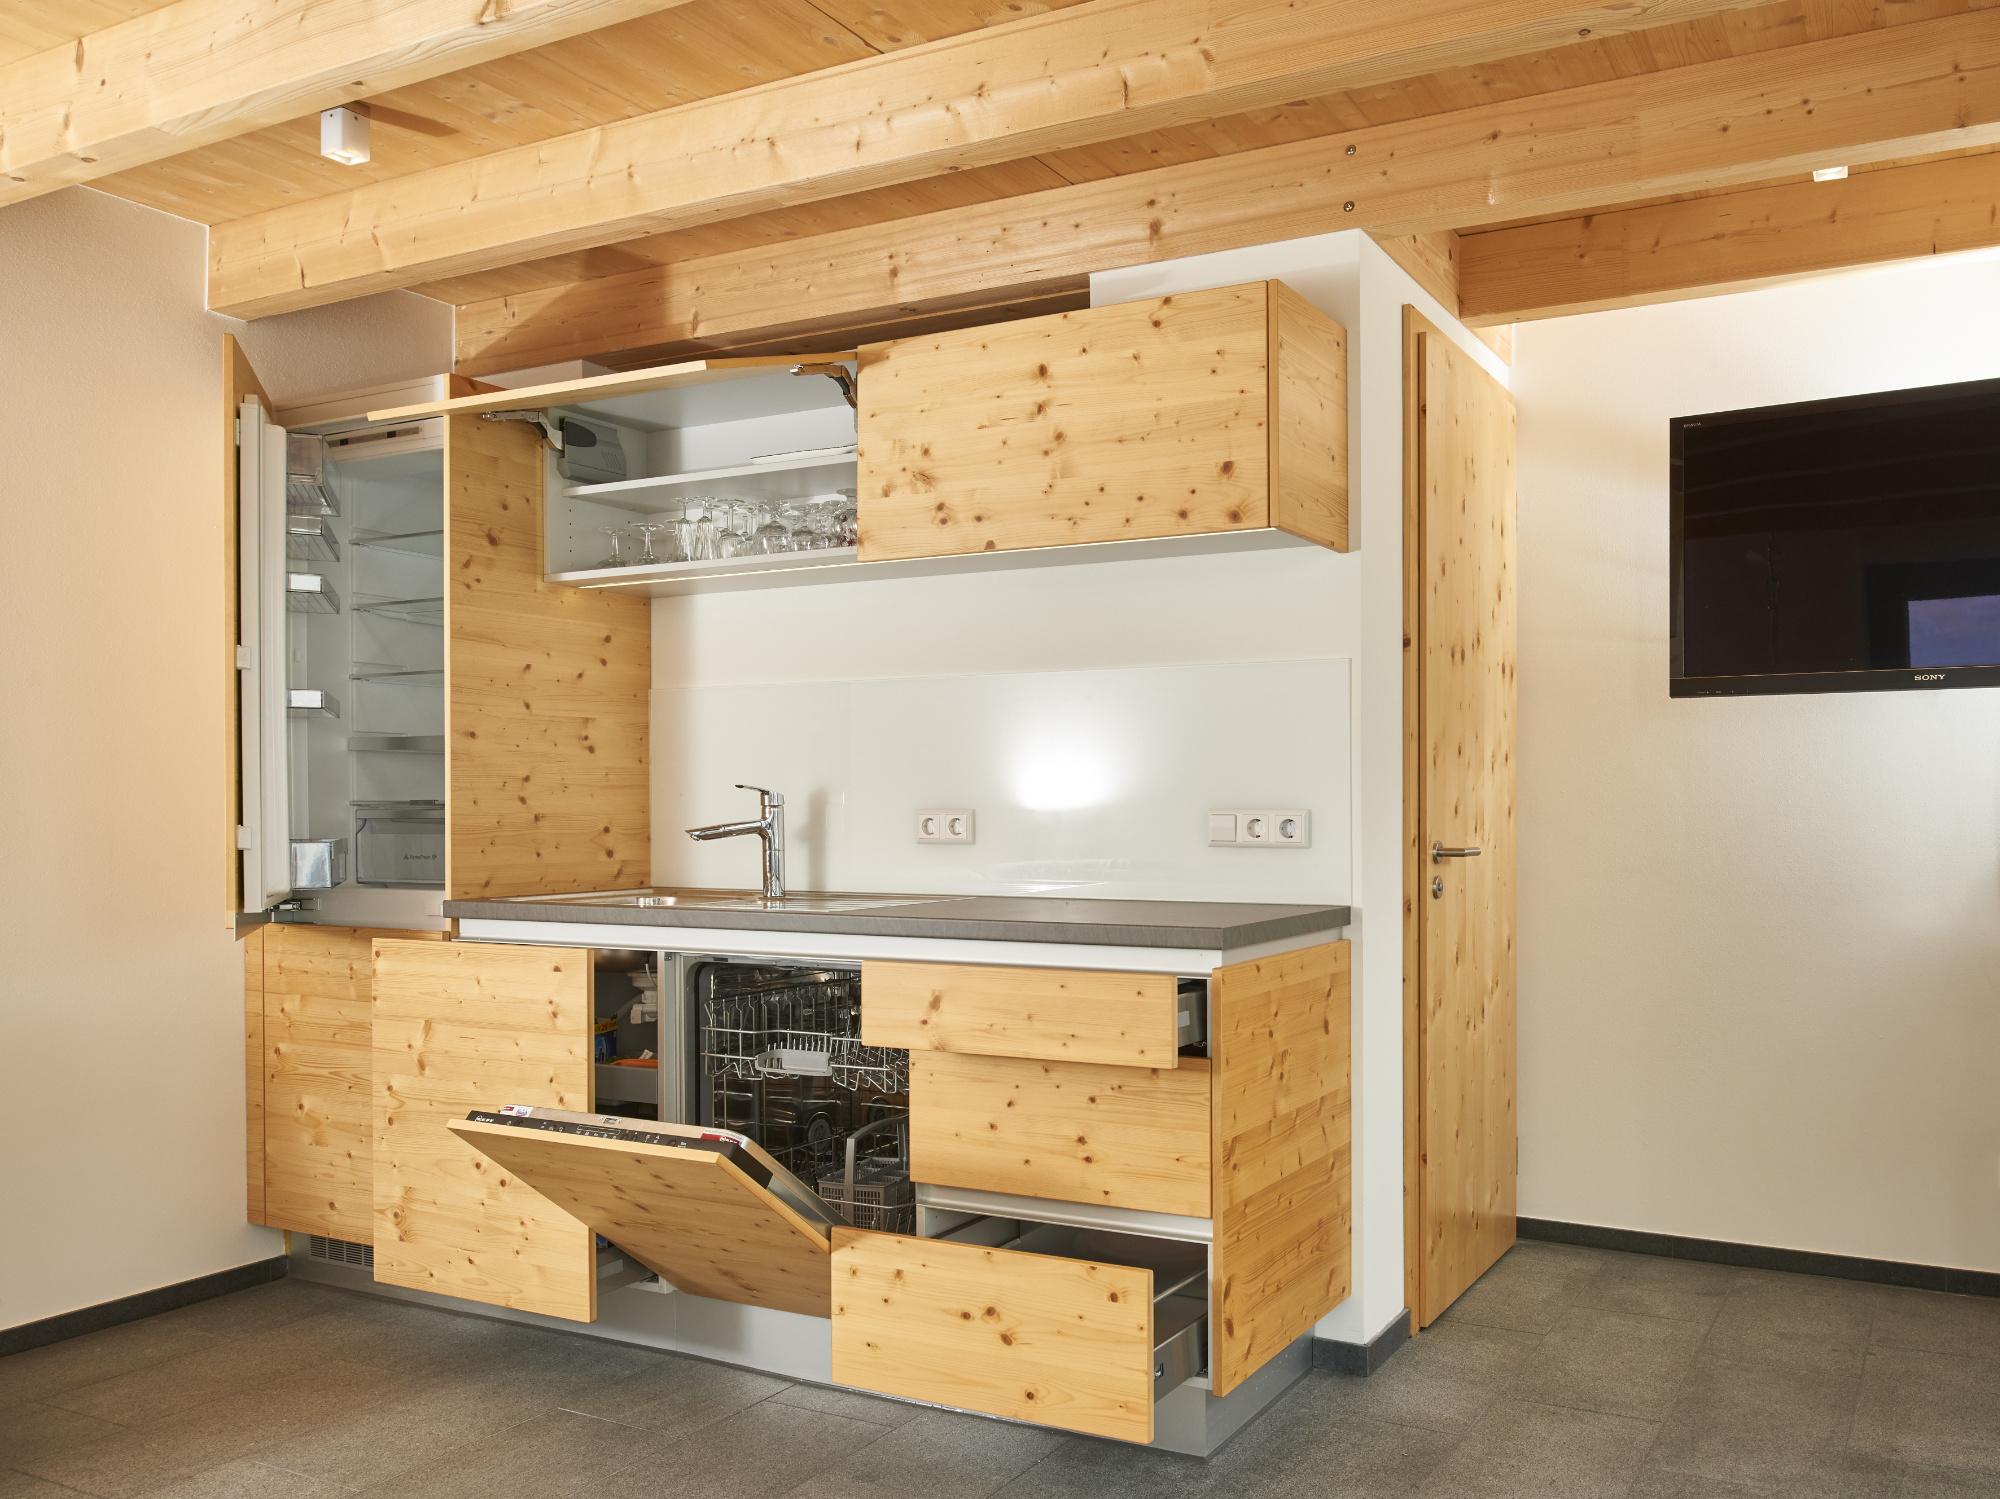 Gartenhaus Mit Outdoor Küche : Die outdoorküche u genussvoll draußen kochen schÖner wohnen